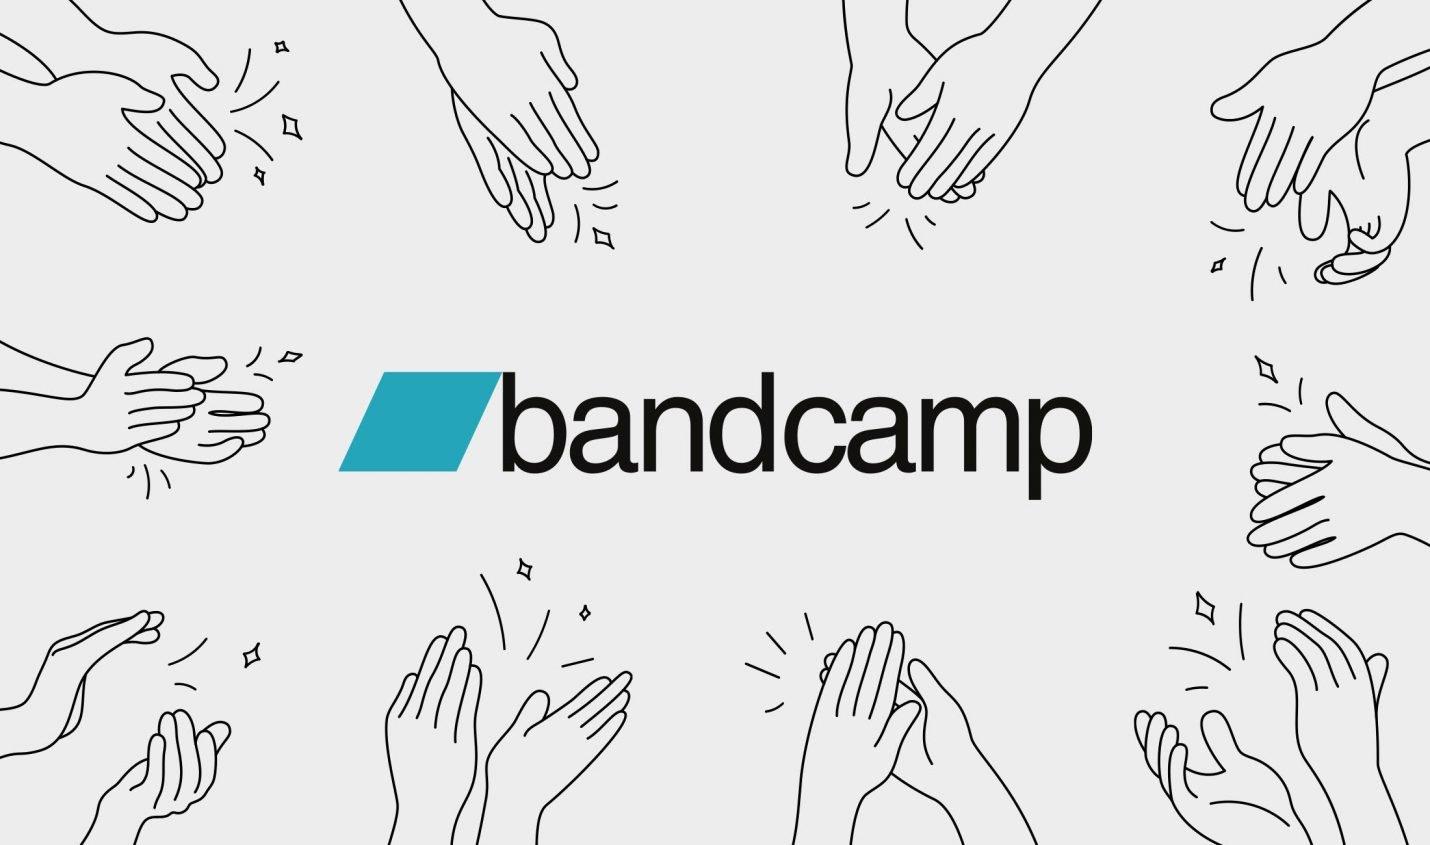 Bruchstelle: Bandcamps neues Monopol — eine kritische Betrachtung